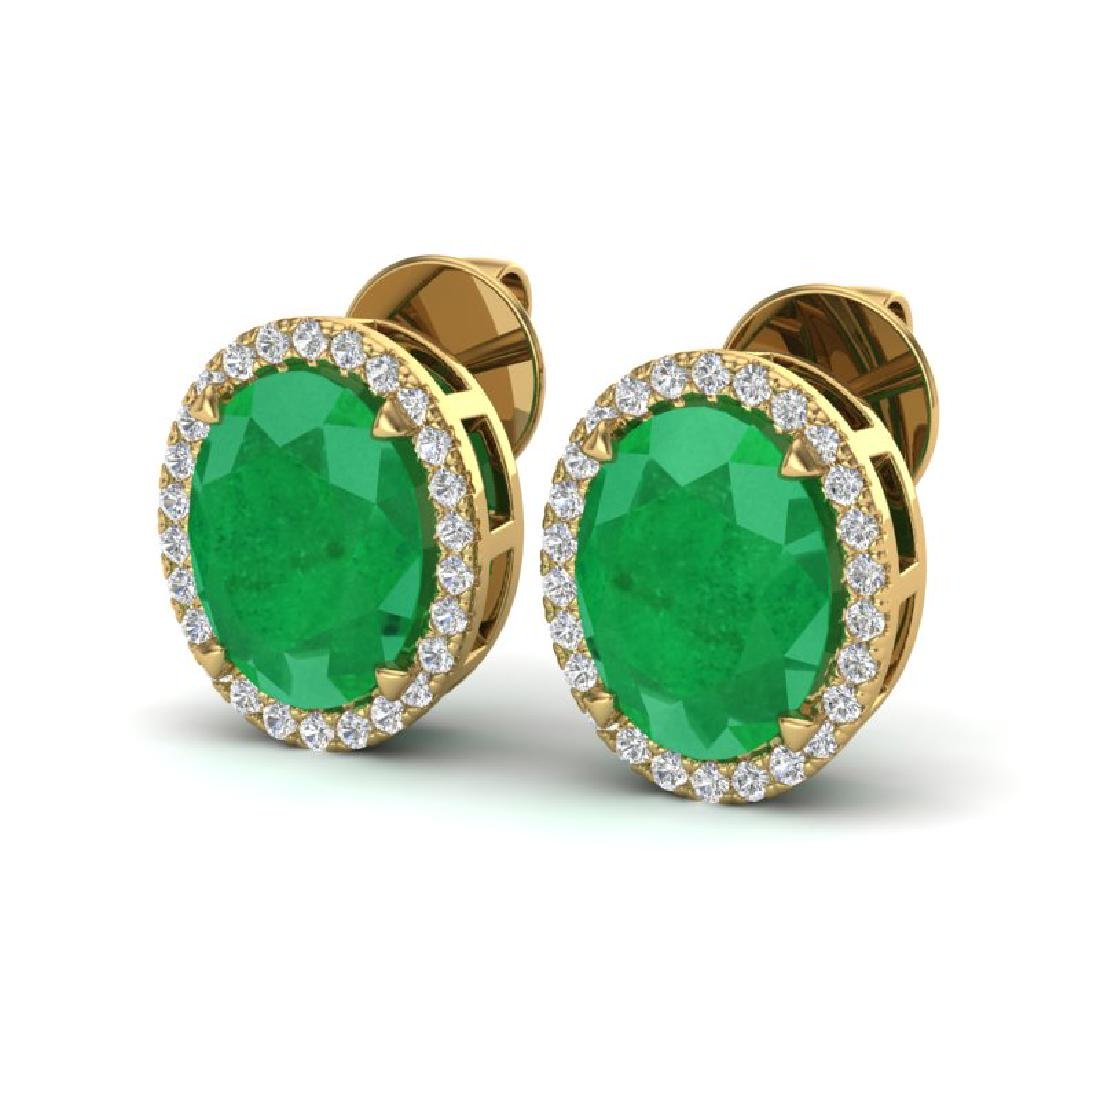 5.50 CTW Emerald & Micro VS/SI Diamond Halo Earrings